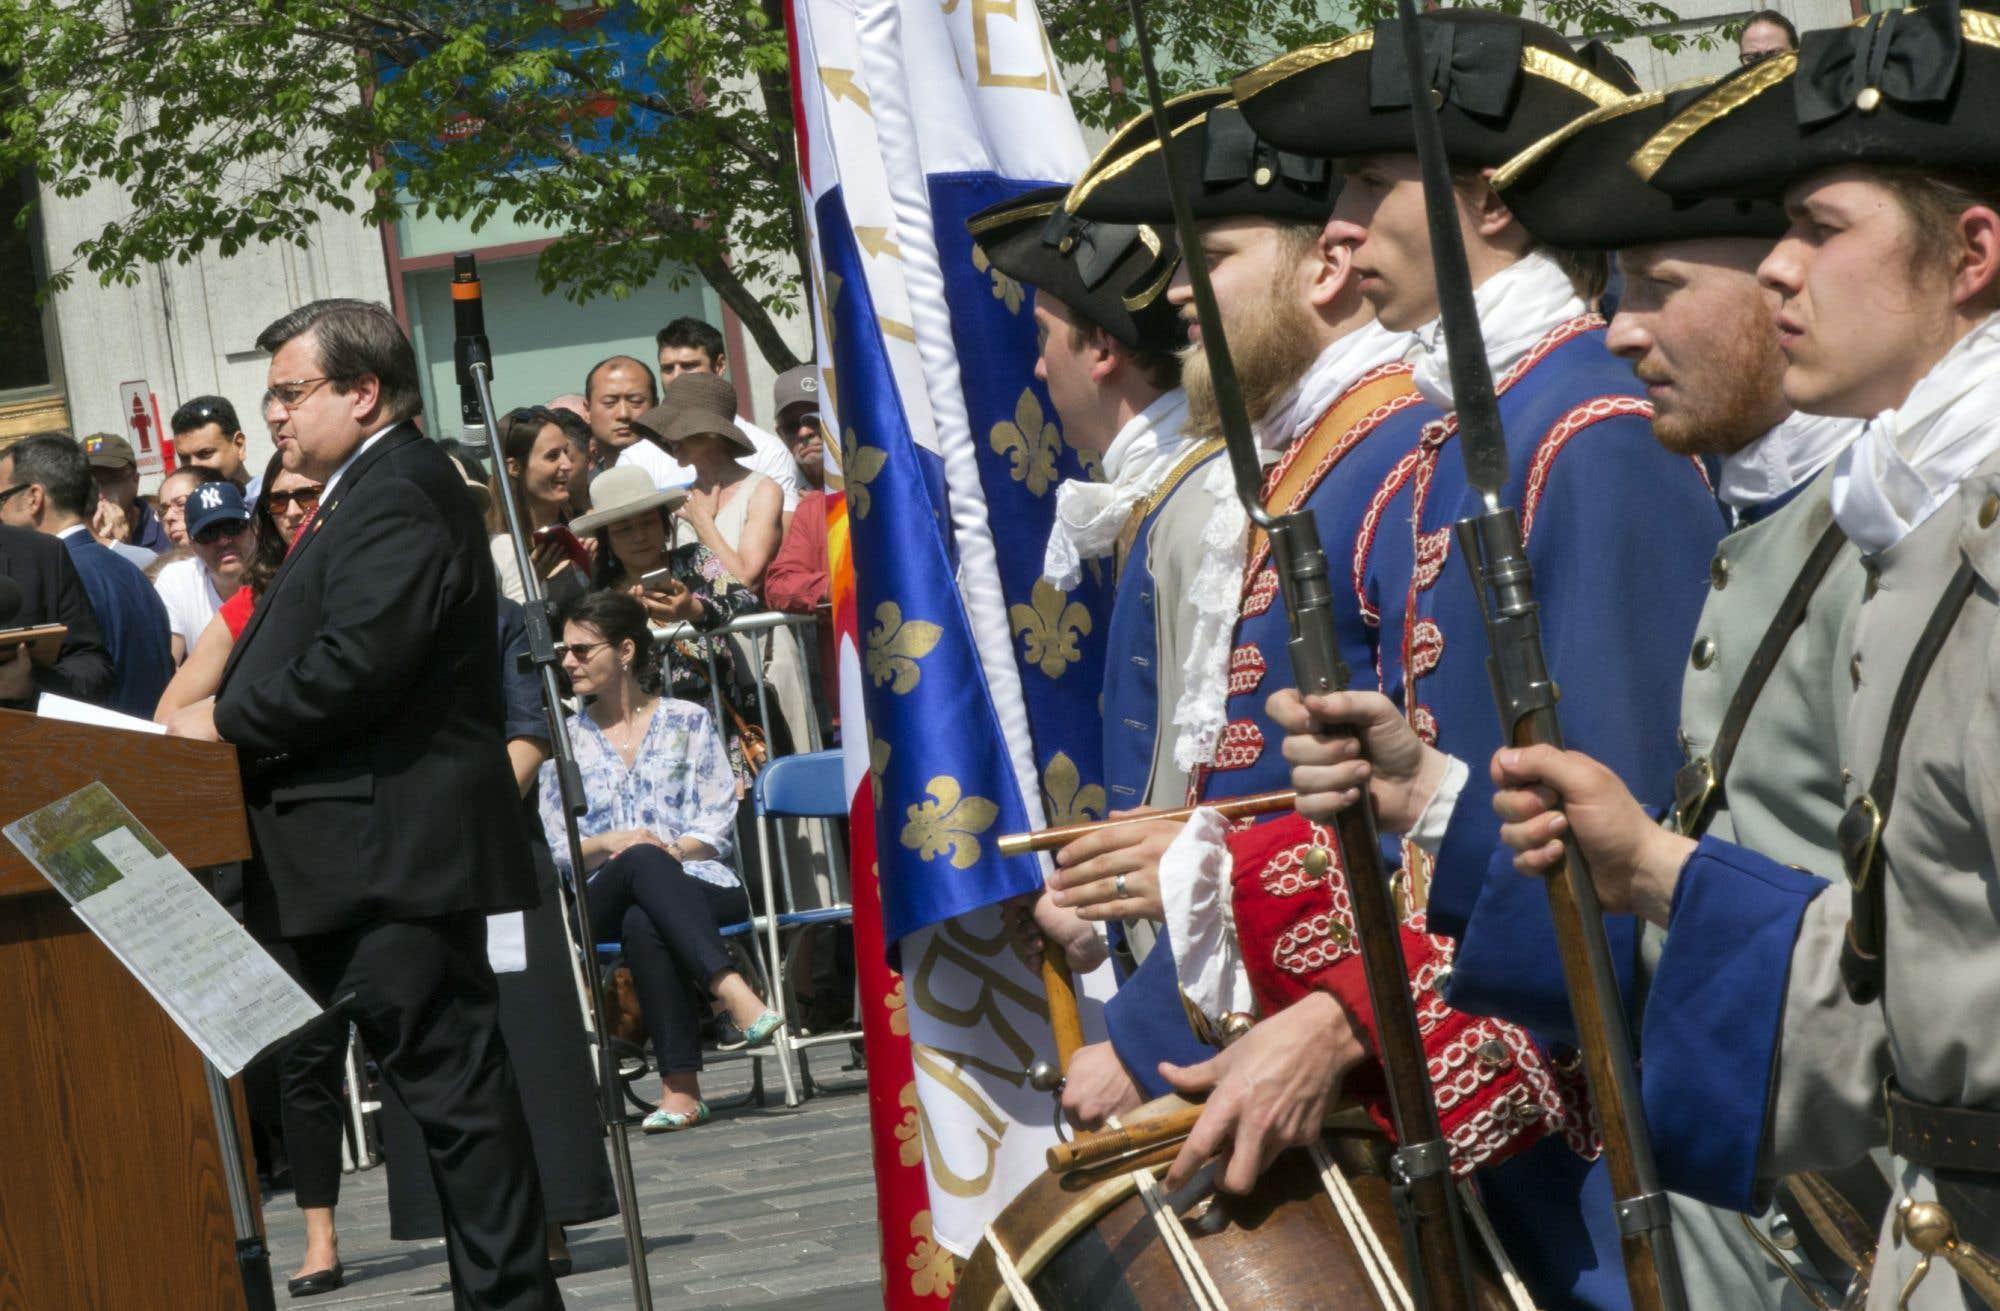 Le maire Coderre a lancé les festivités devant une foule de Montréalais mercredi matin.